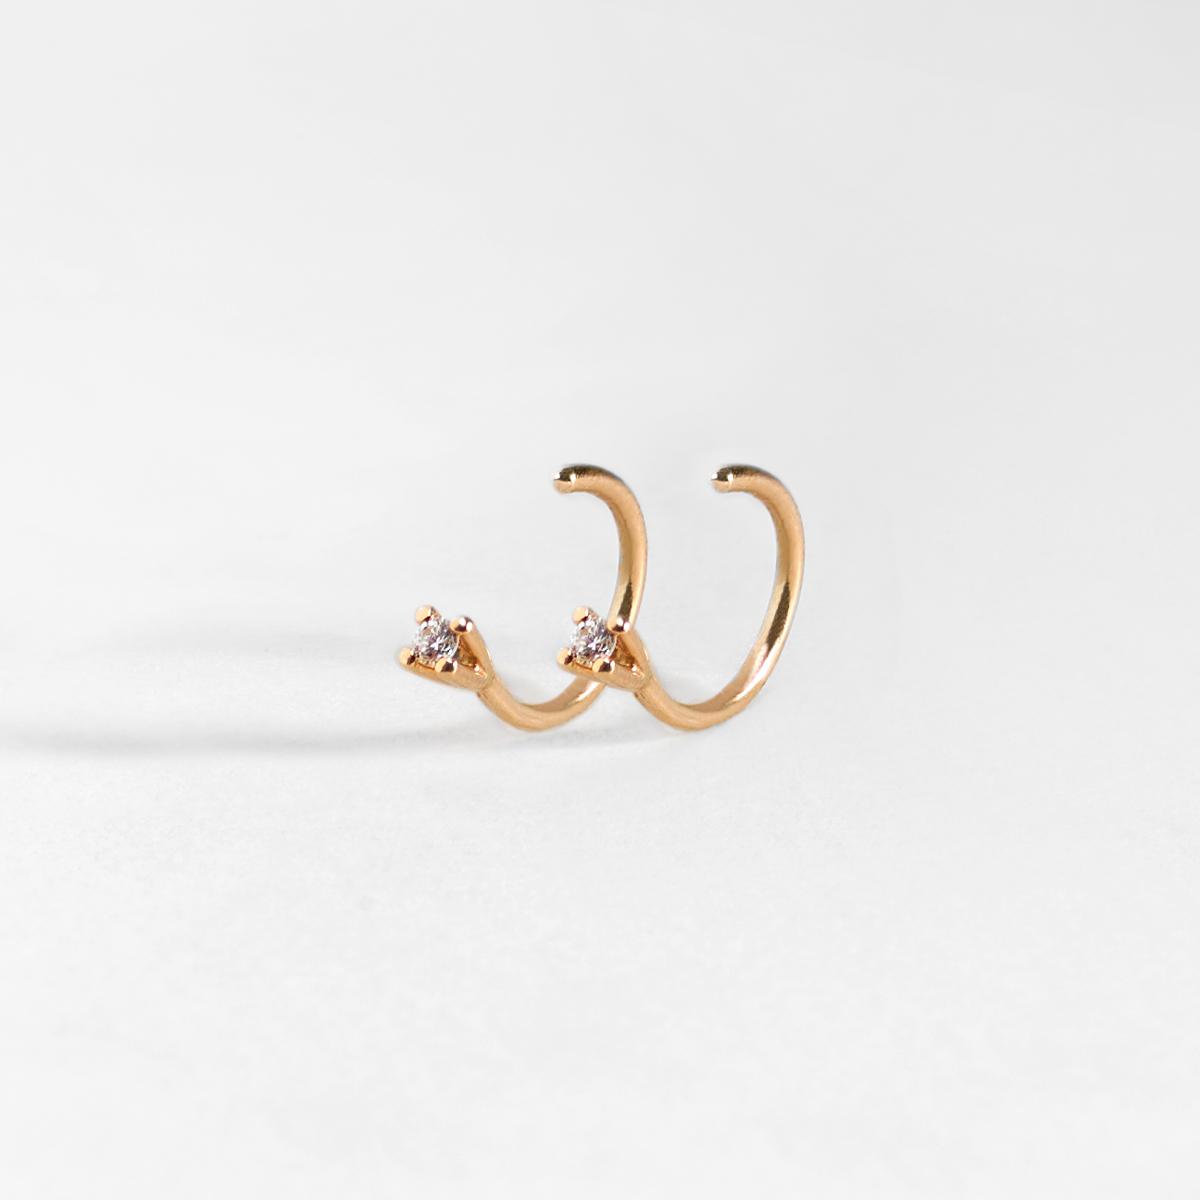 Nil Diamond Huggie Earrings